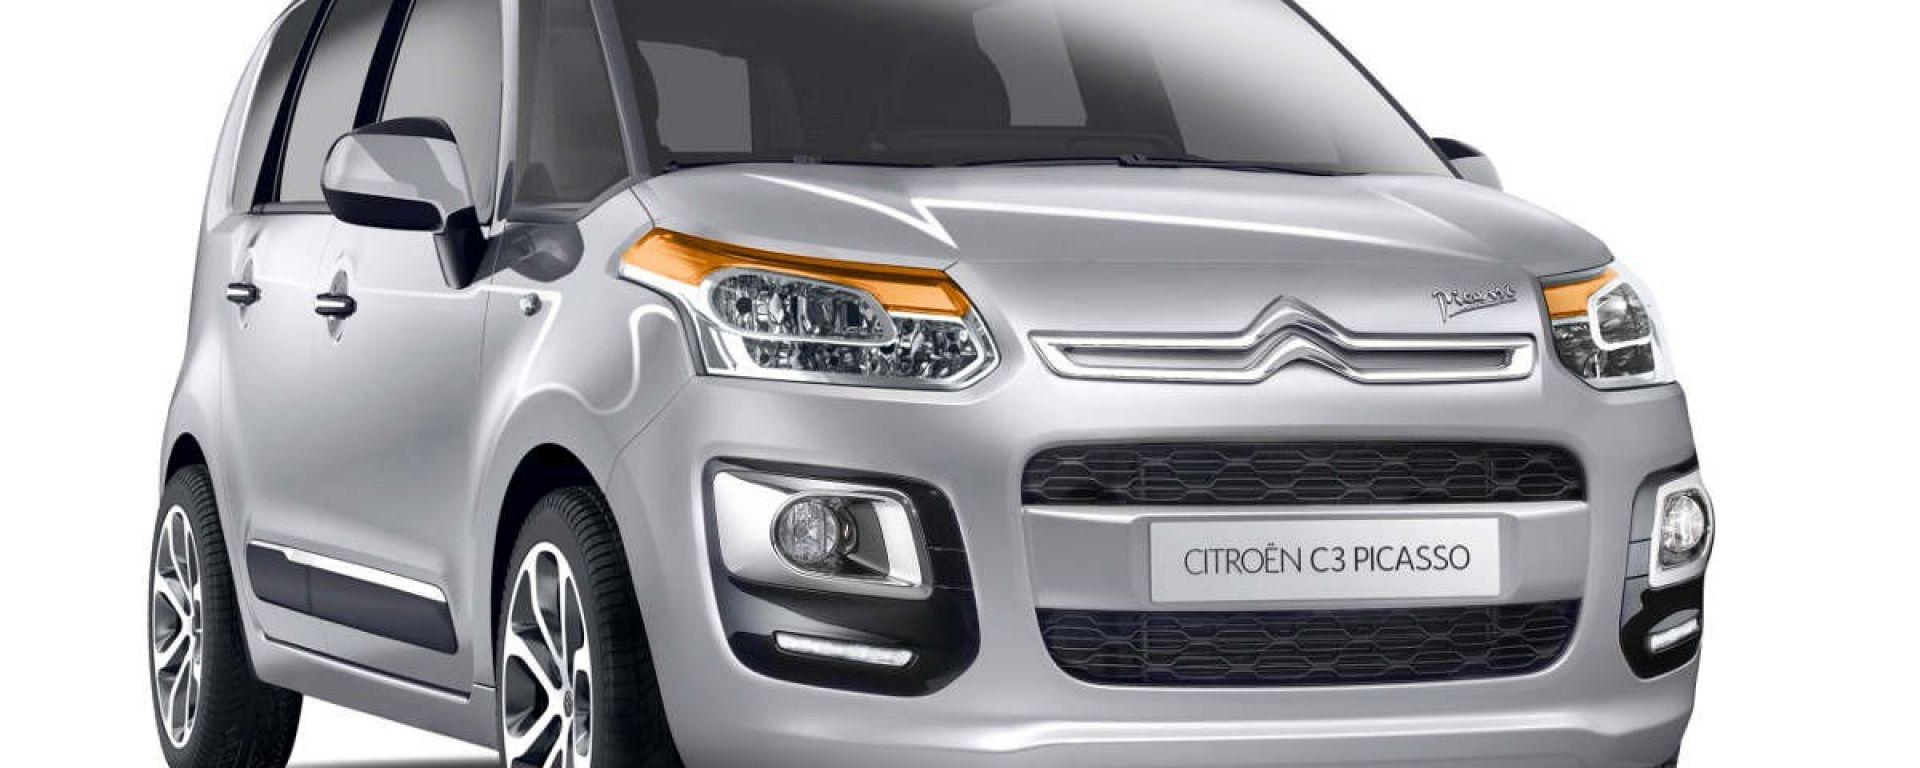 Citroën C3 Picasso 2013